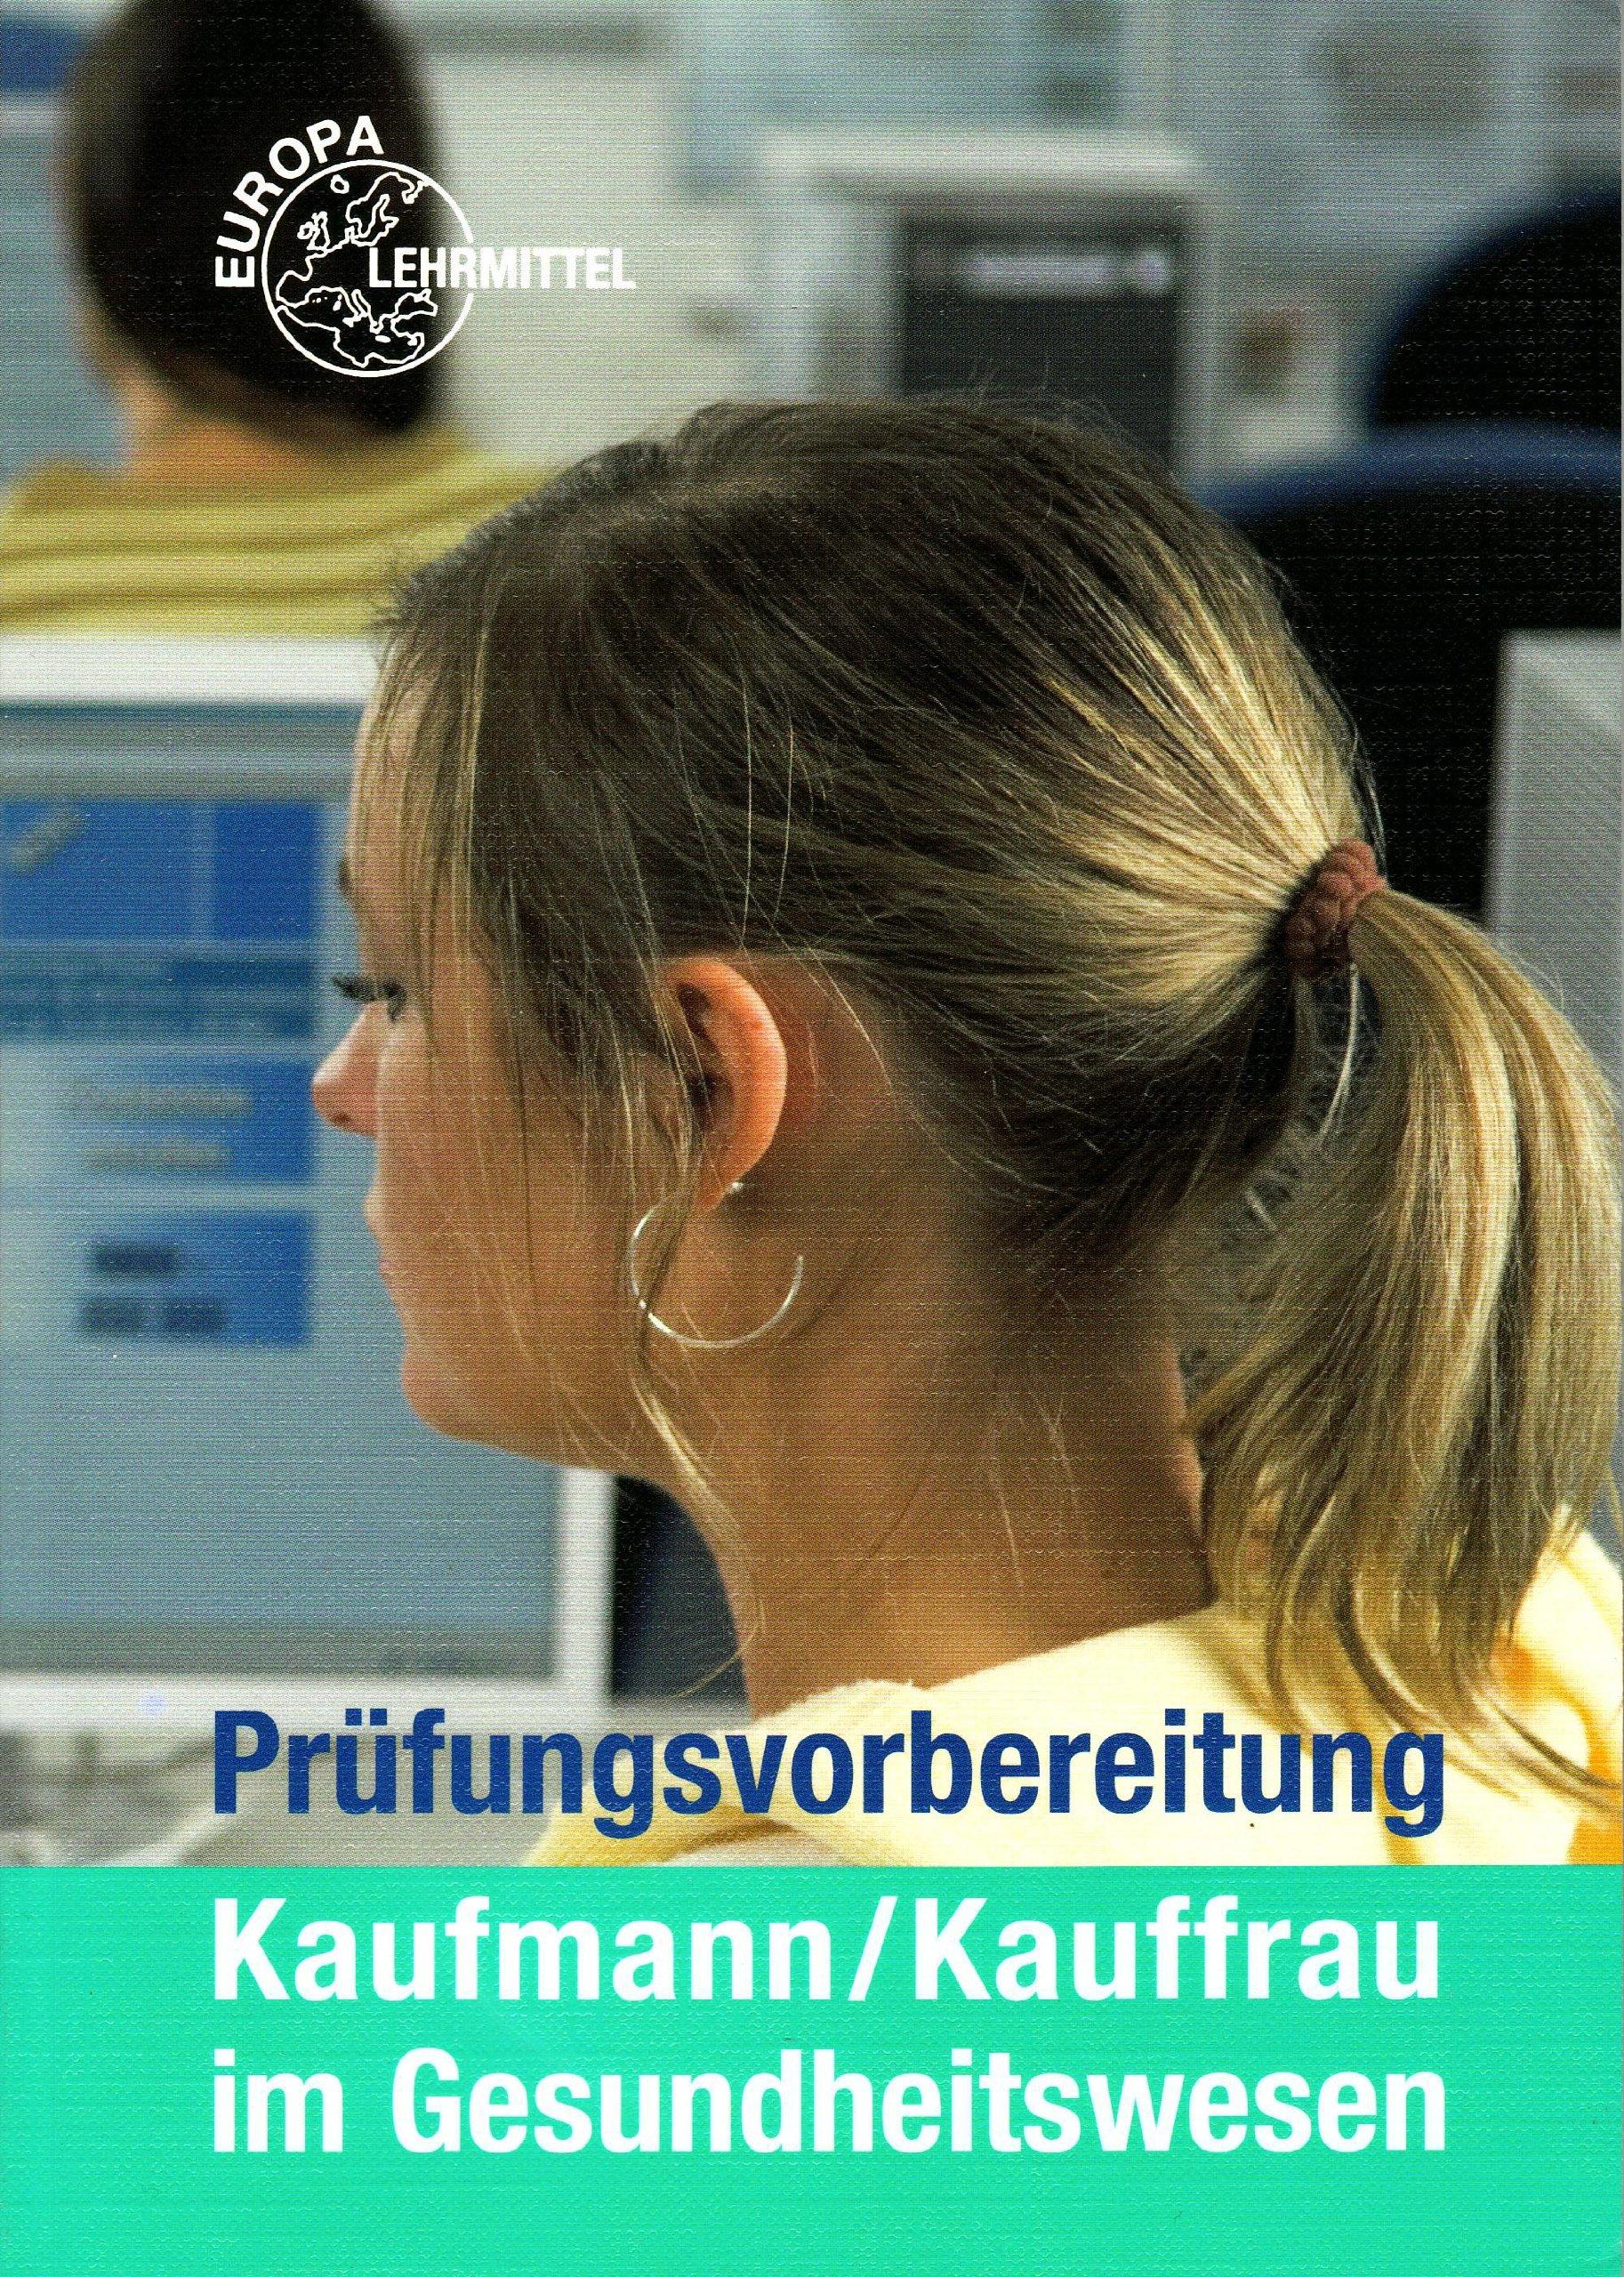 Prüfungsvorbereitung Kaufmann/Kauffrau im Gesundheitswesen Broschiert – 20. Oktober 2010 Hans-Jürgen Bauer Hans-Günter Steegmanns Europa-Lehrmittel 3808567767